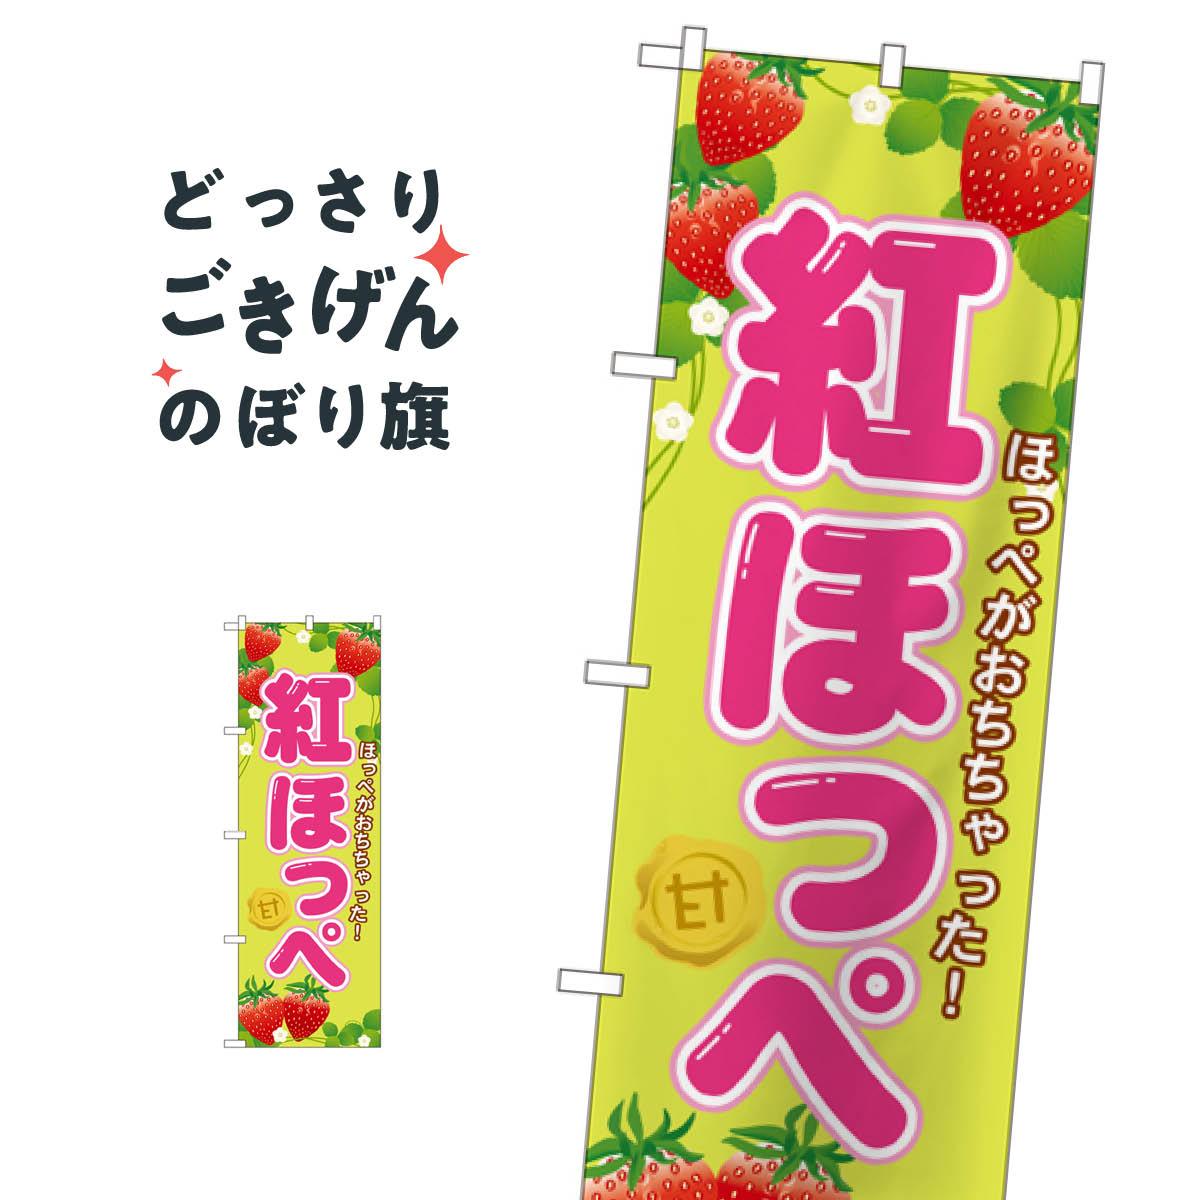 紅ほっぺ のぼり旗 SNB-1425 いちご・苺